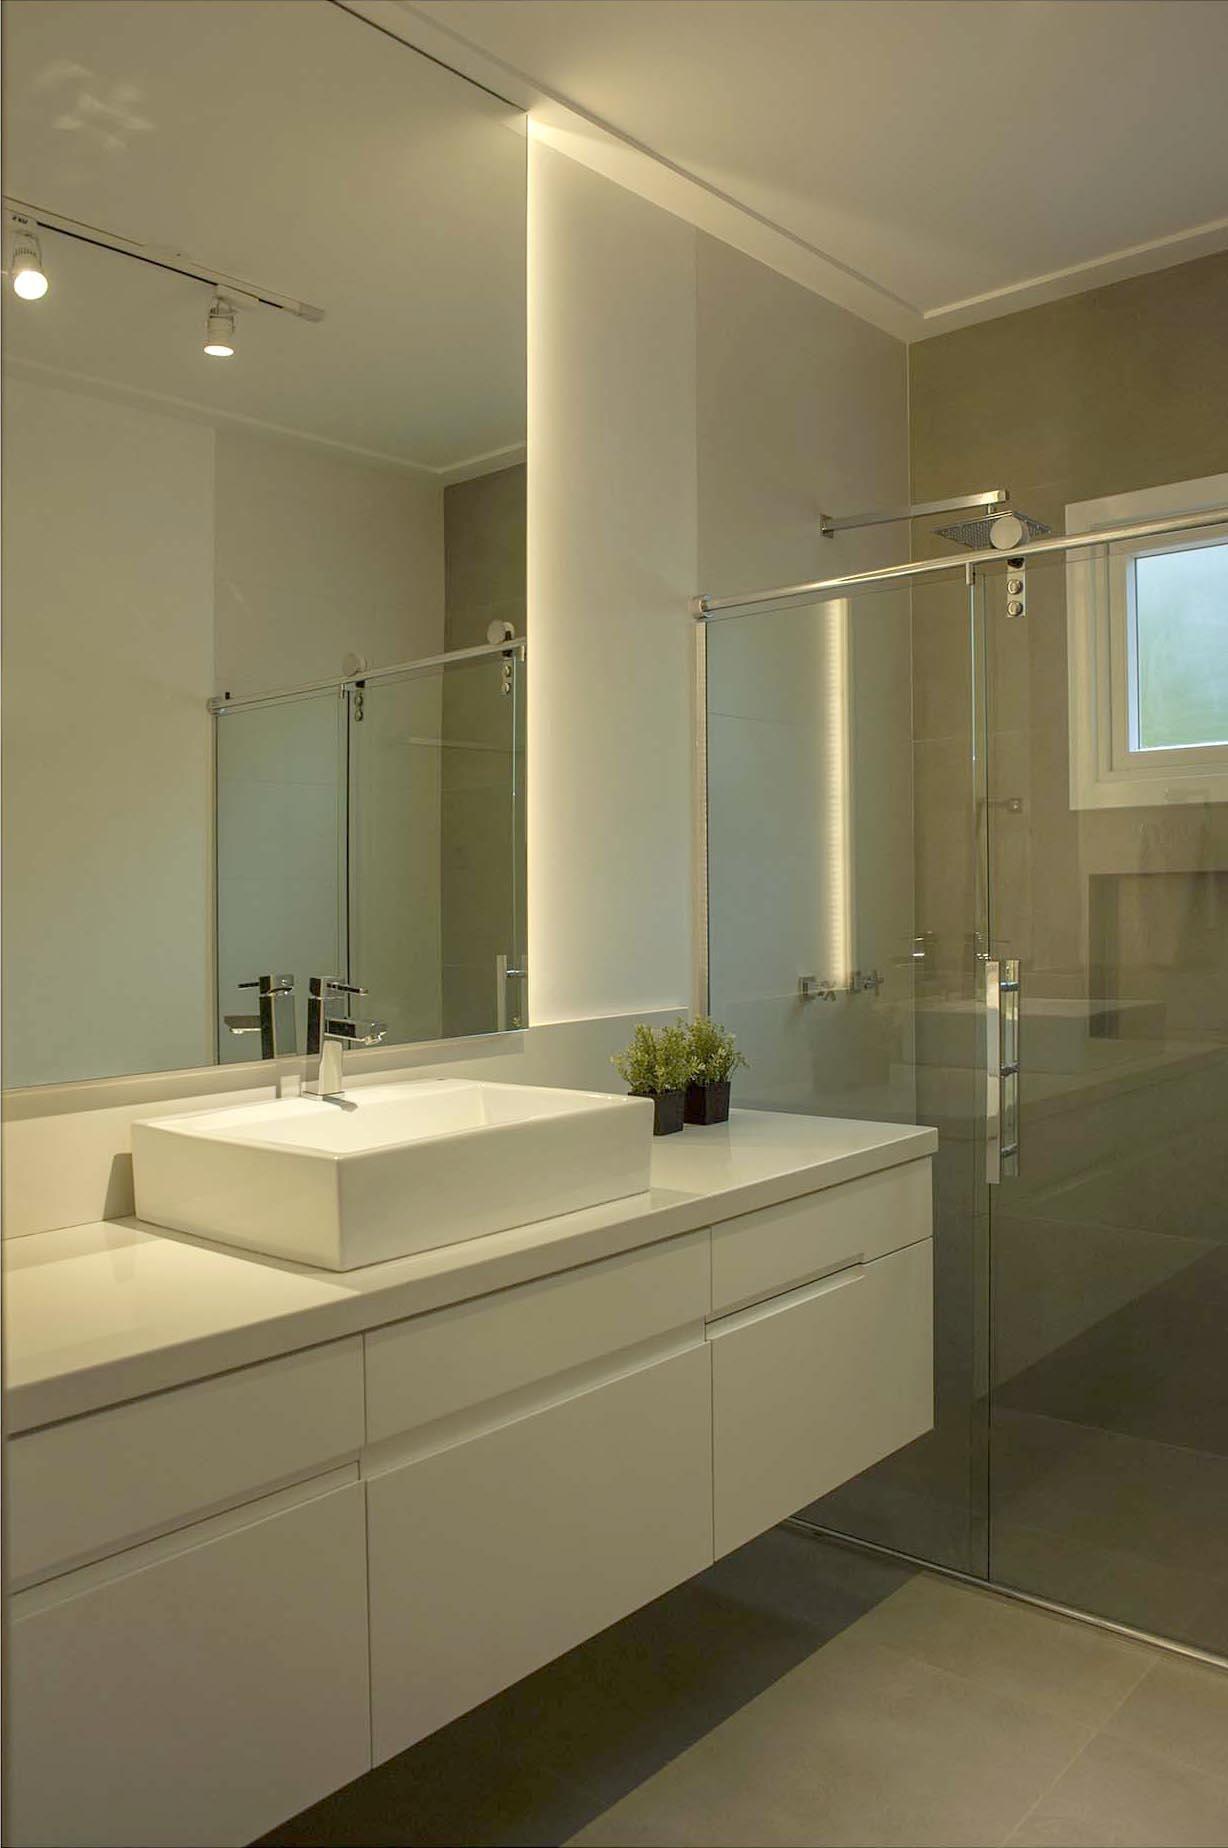 Banheiro Simples Com Cuba Quadrada Branca Paula Ines Sizinando 50930 Viva Decora